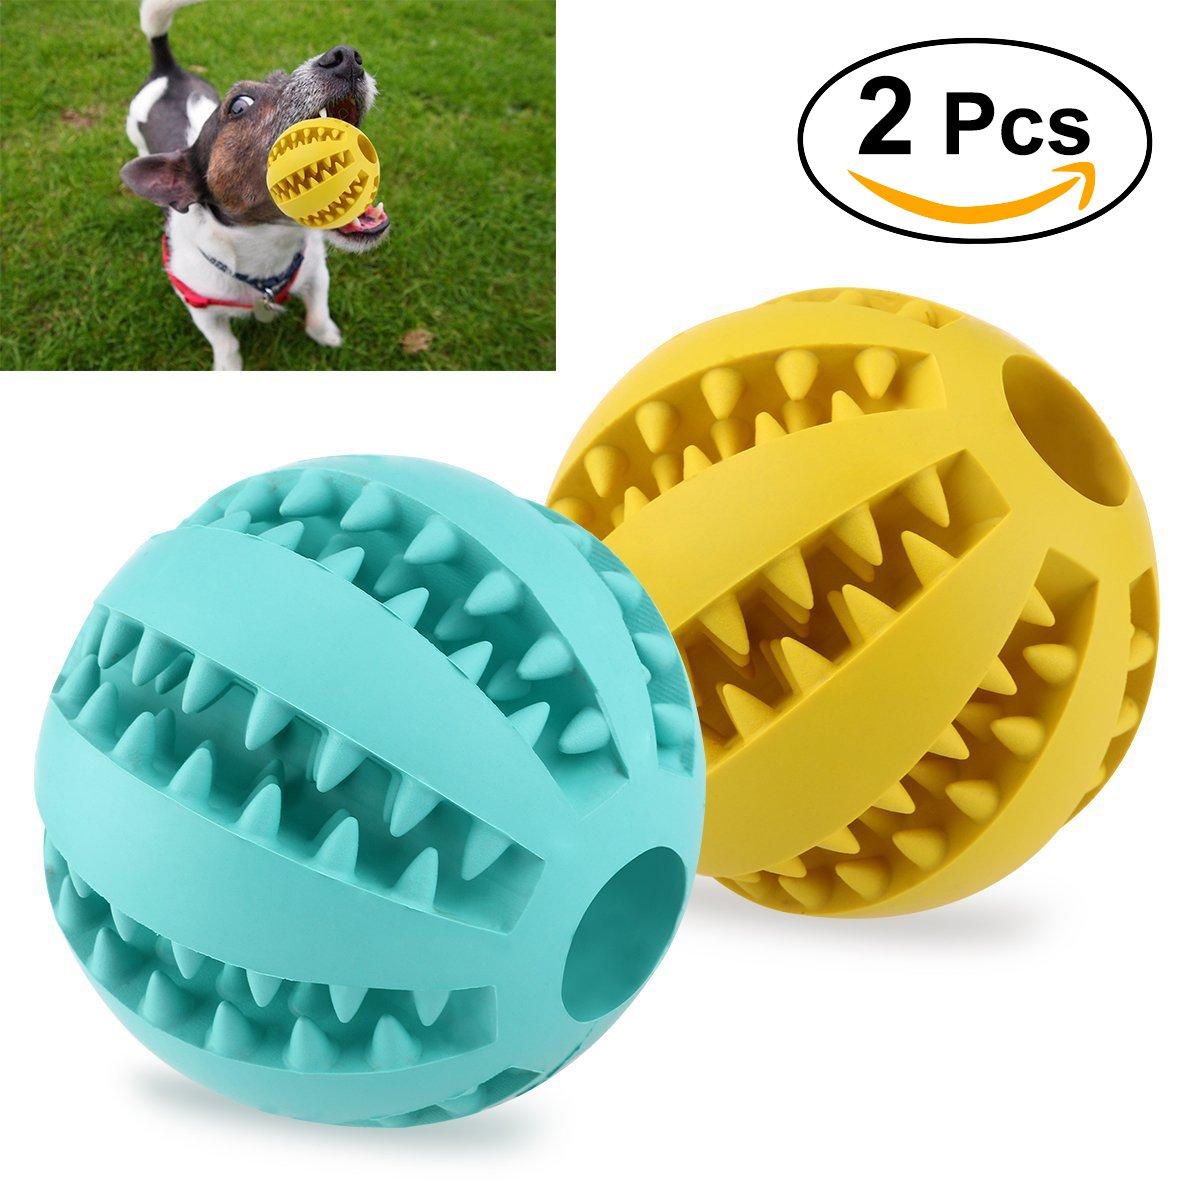 UEETEK 2pcs Juguete de goma masticar mascotas, Squeaker Squeeze Pet Ball juguetes, bola interactiva